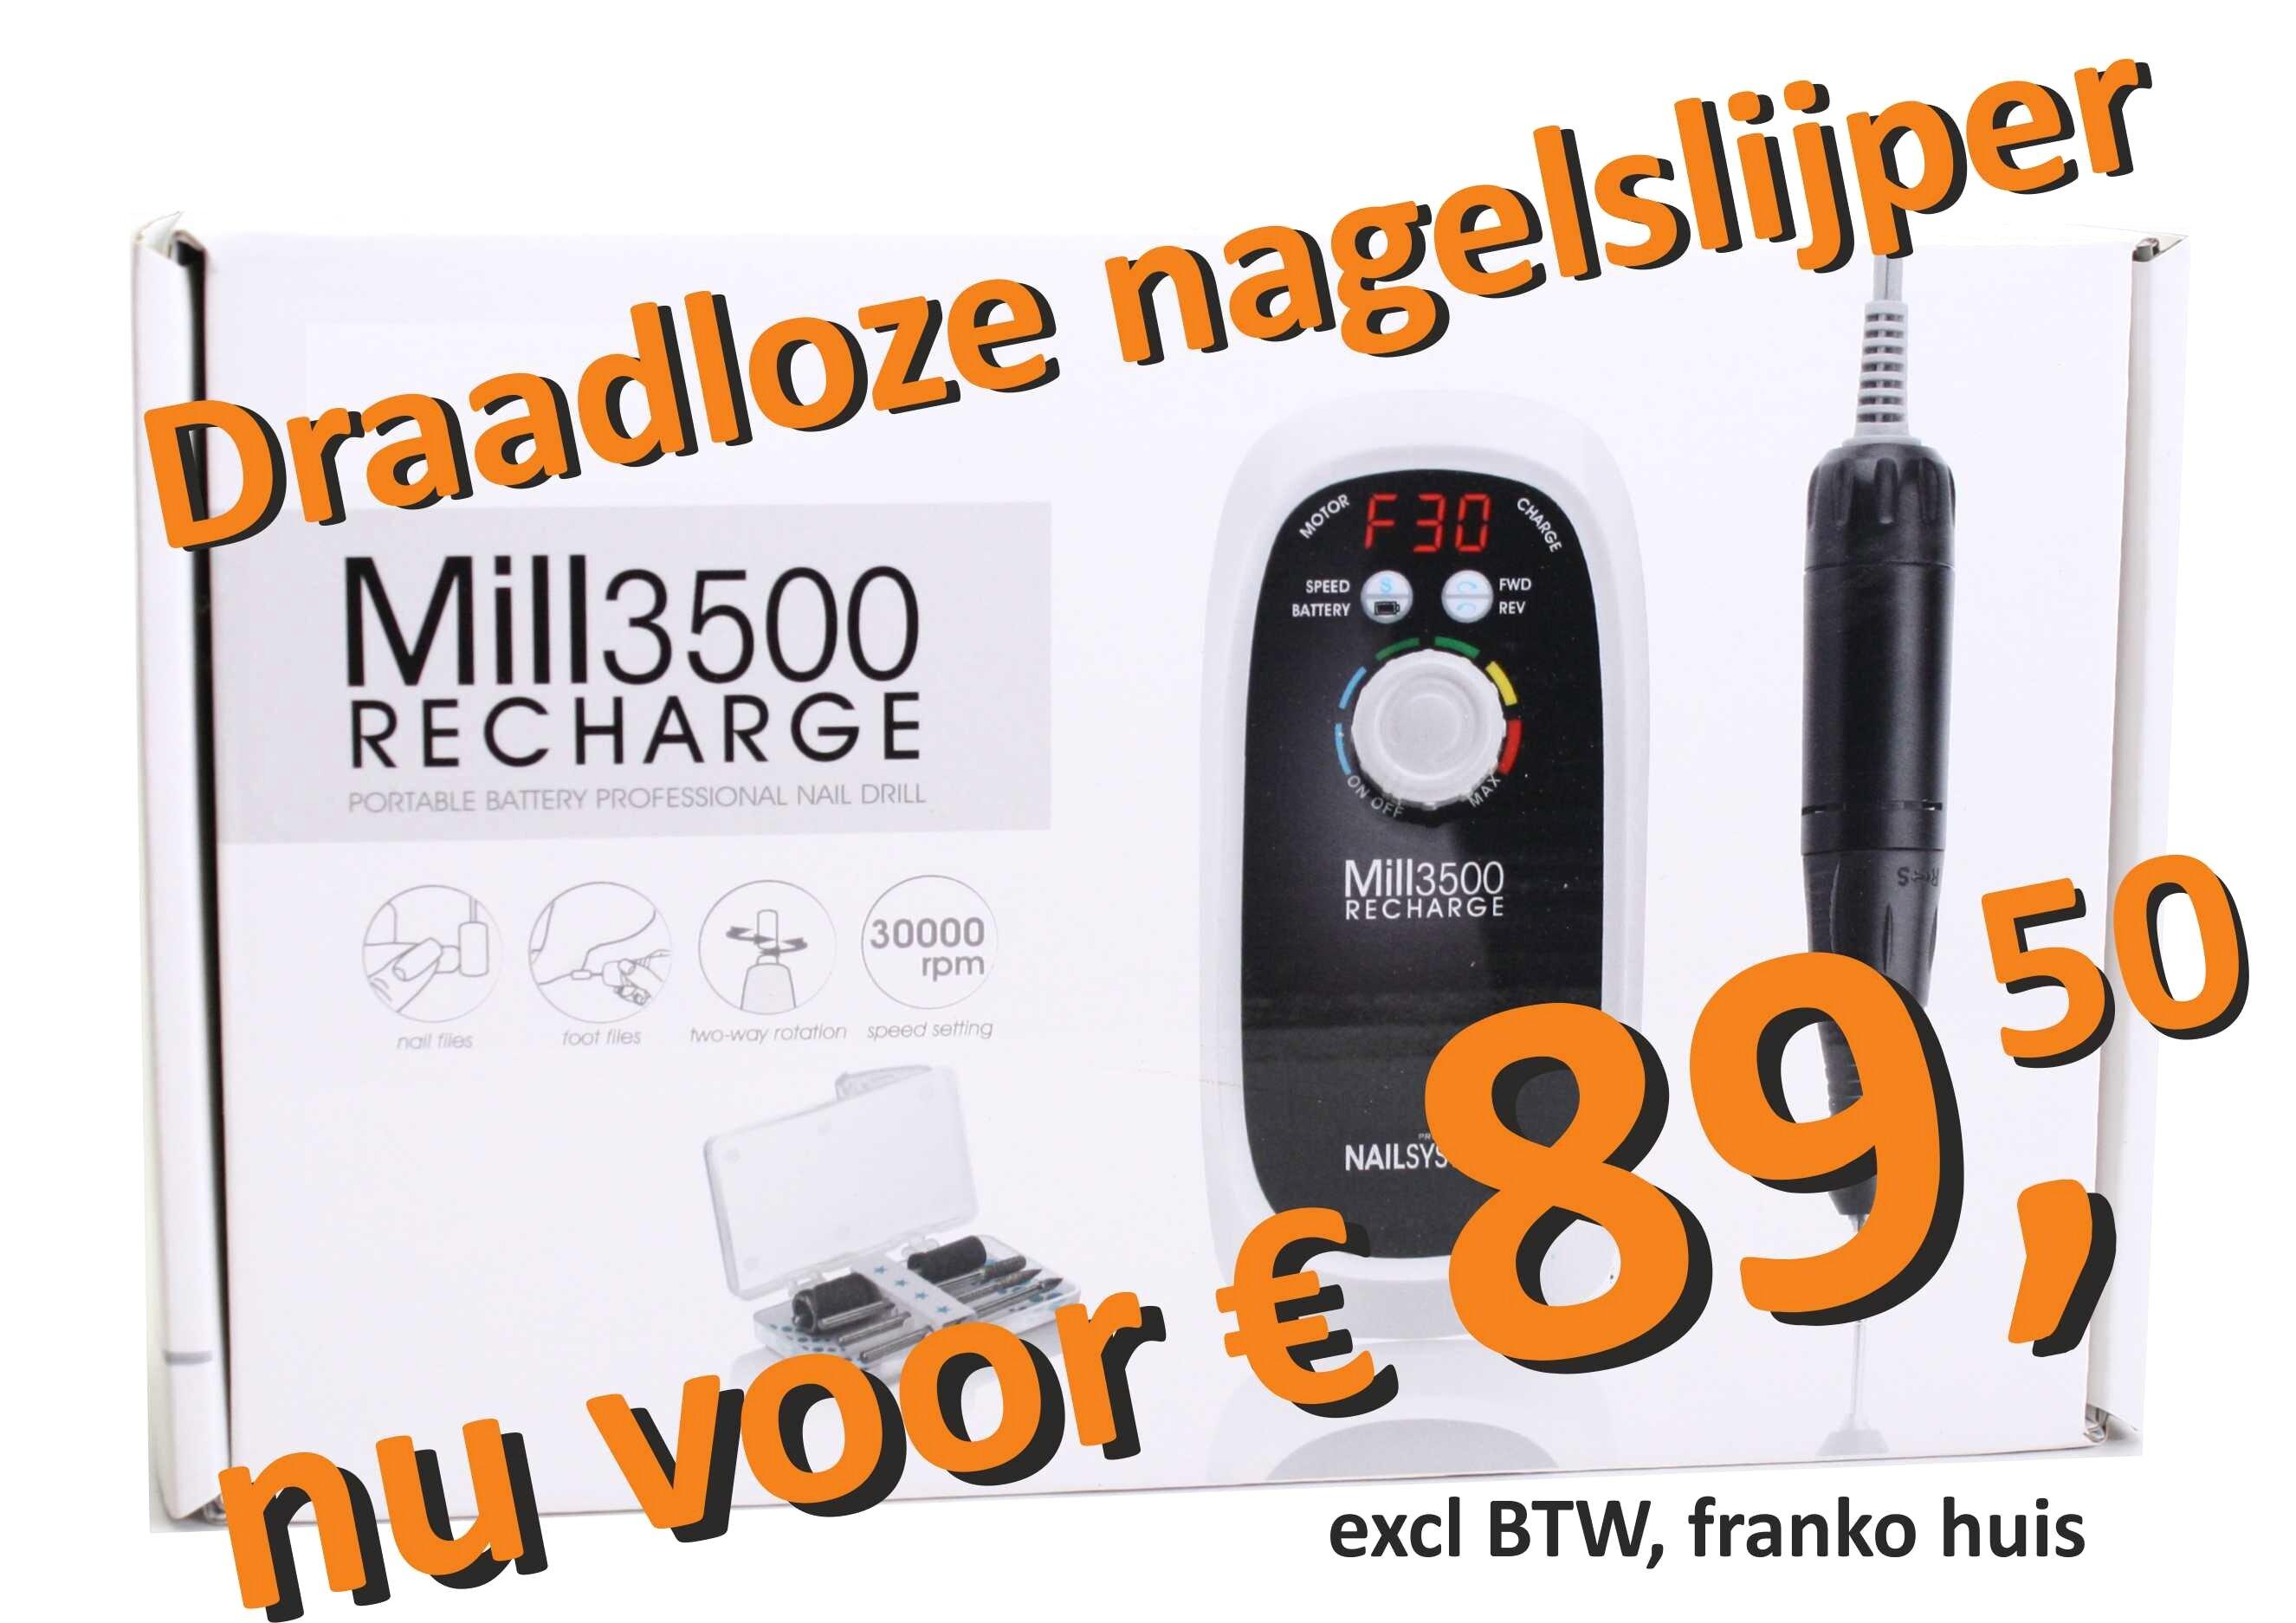 Draadloze nagelfrees voor slechts € 89.50